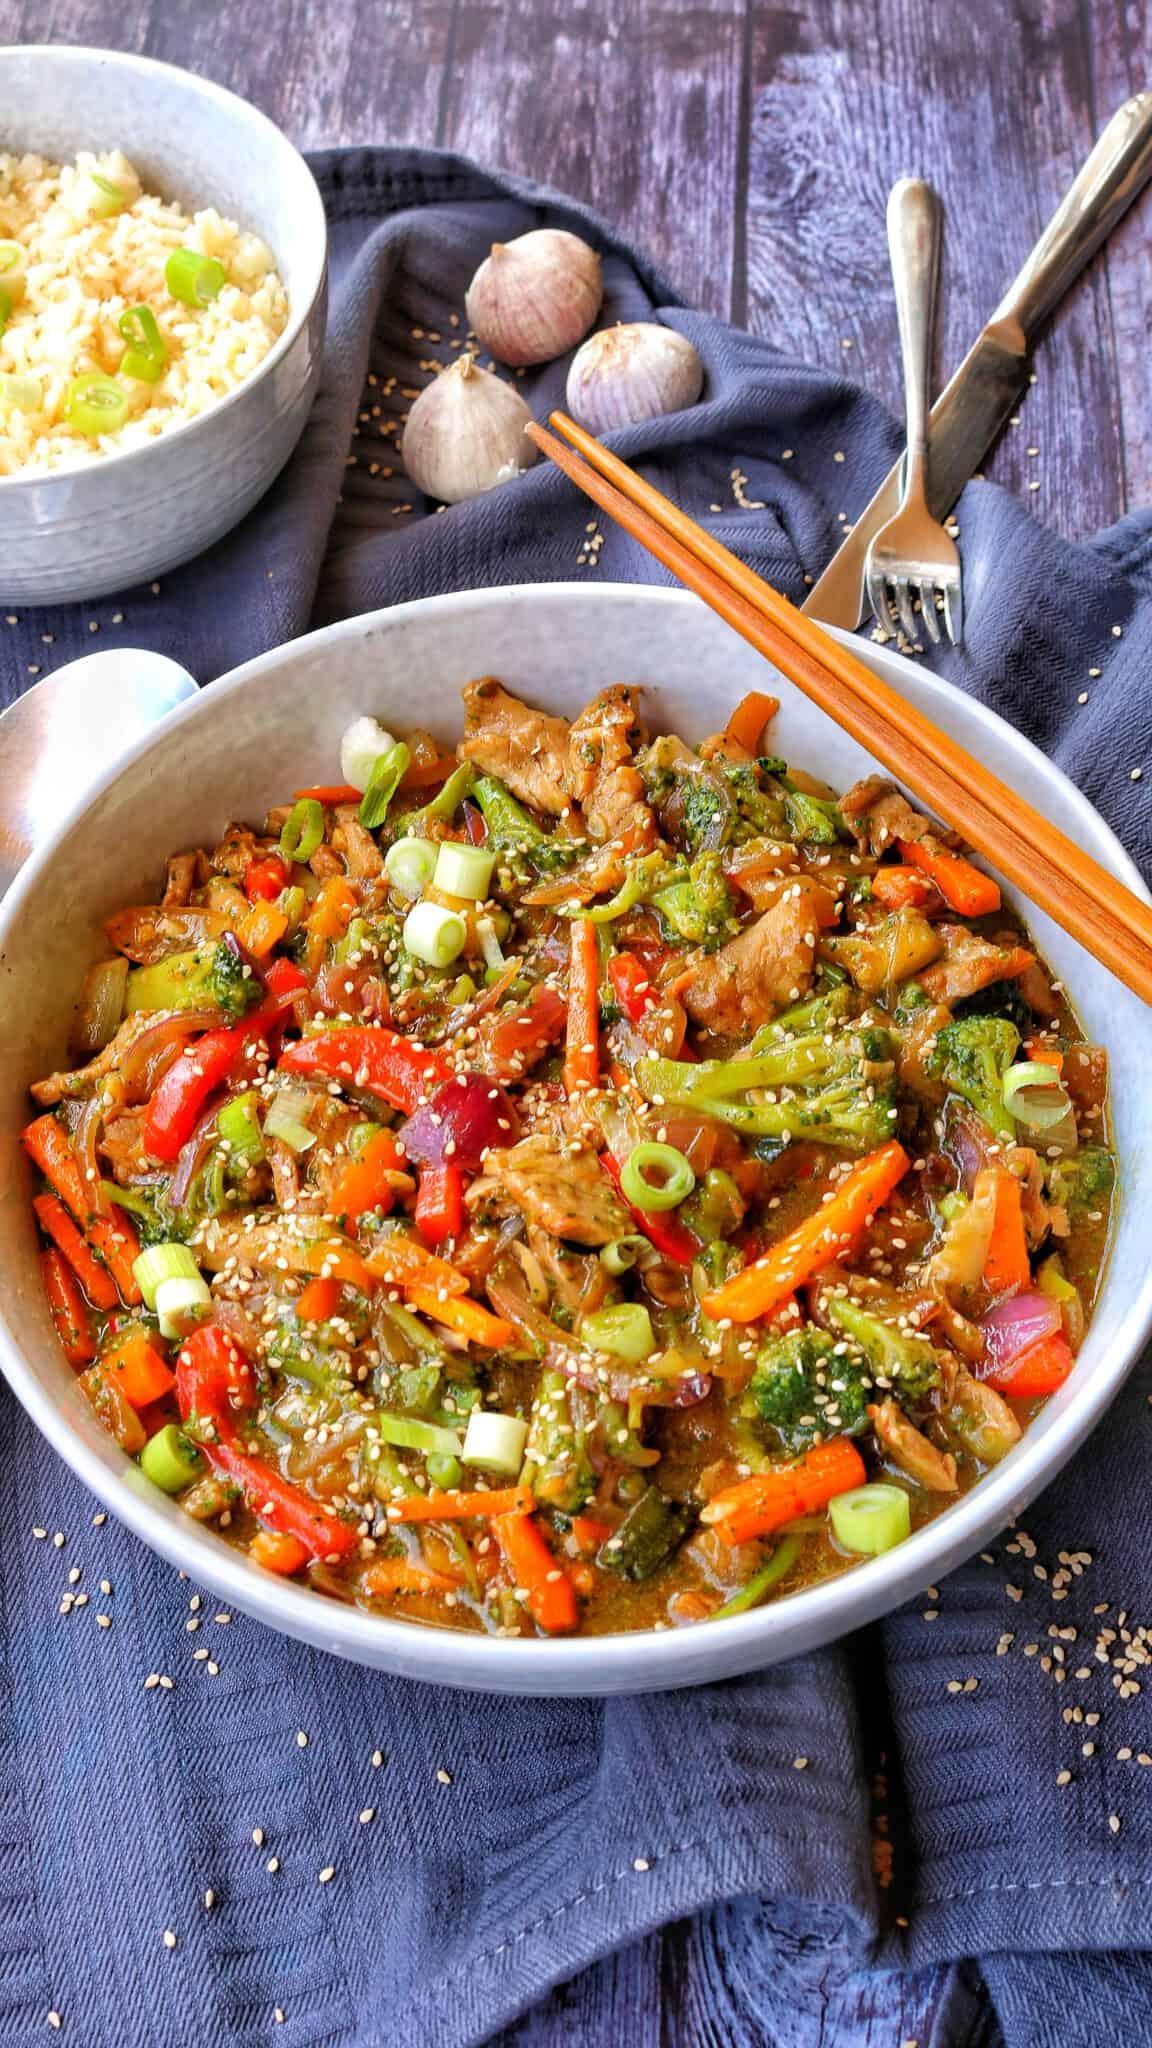 Eine helle Schalte mit der asia Pfanne mit Gemüse- Dahinter eine Schale mit Reis.